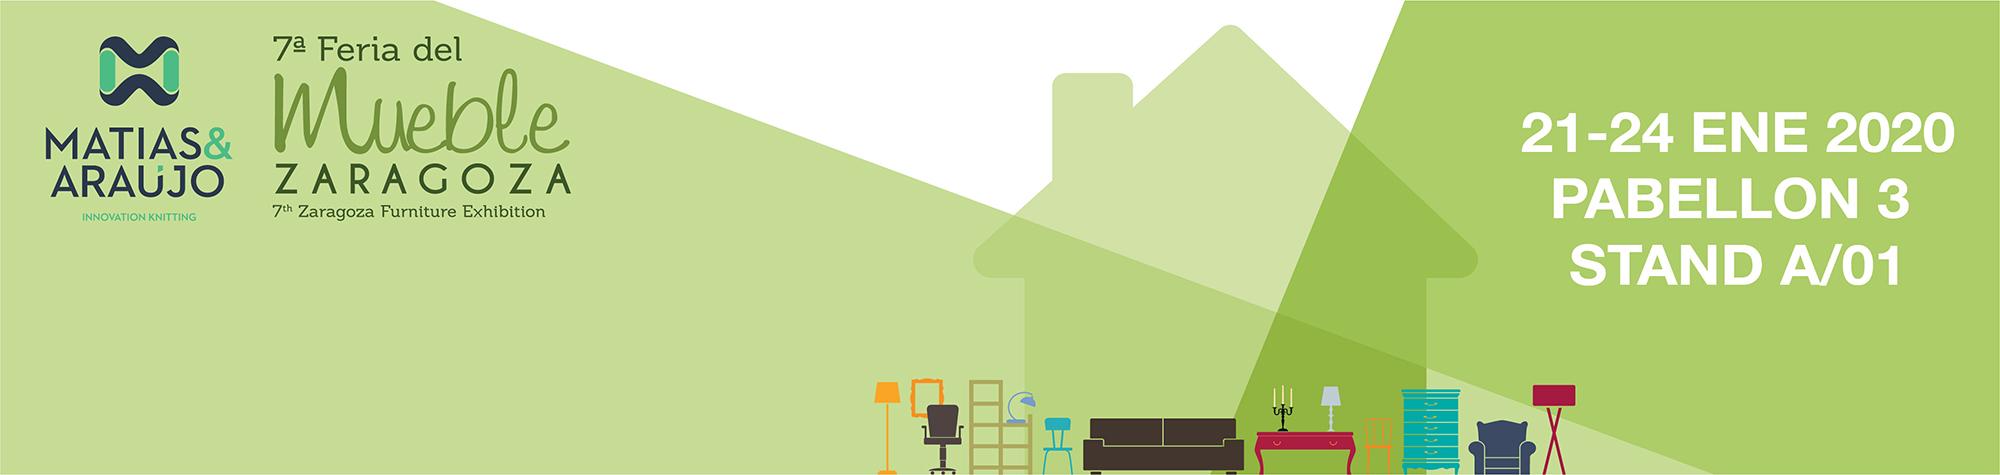 7ª Feria del Mueble Zaragoza 2020